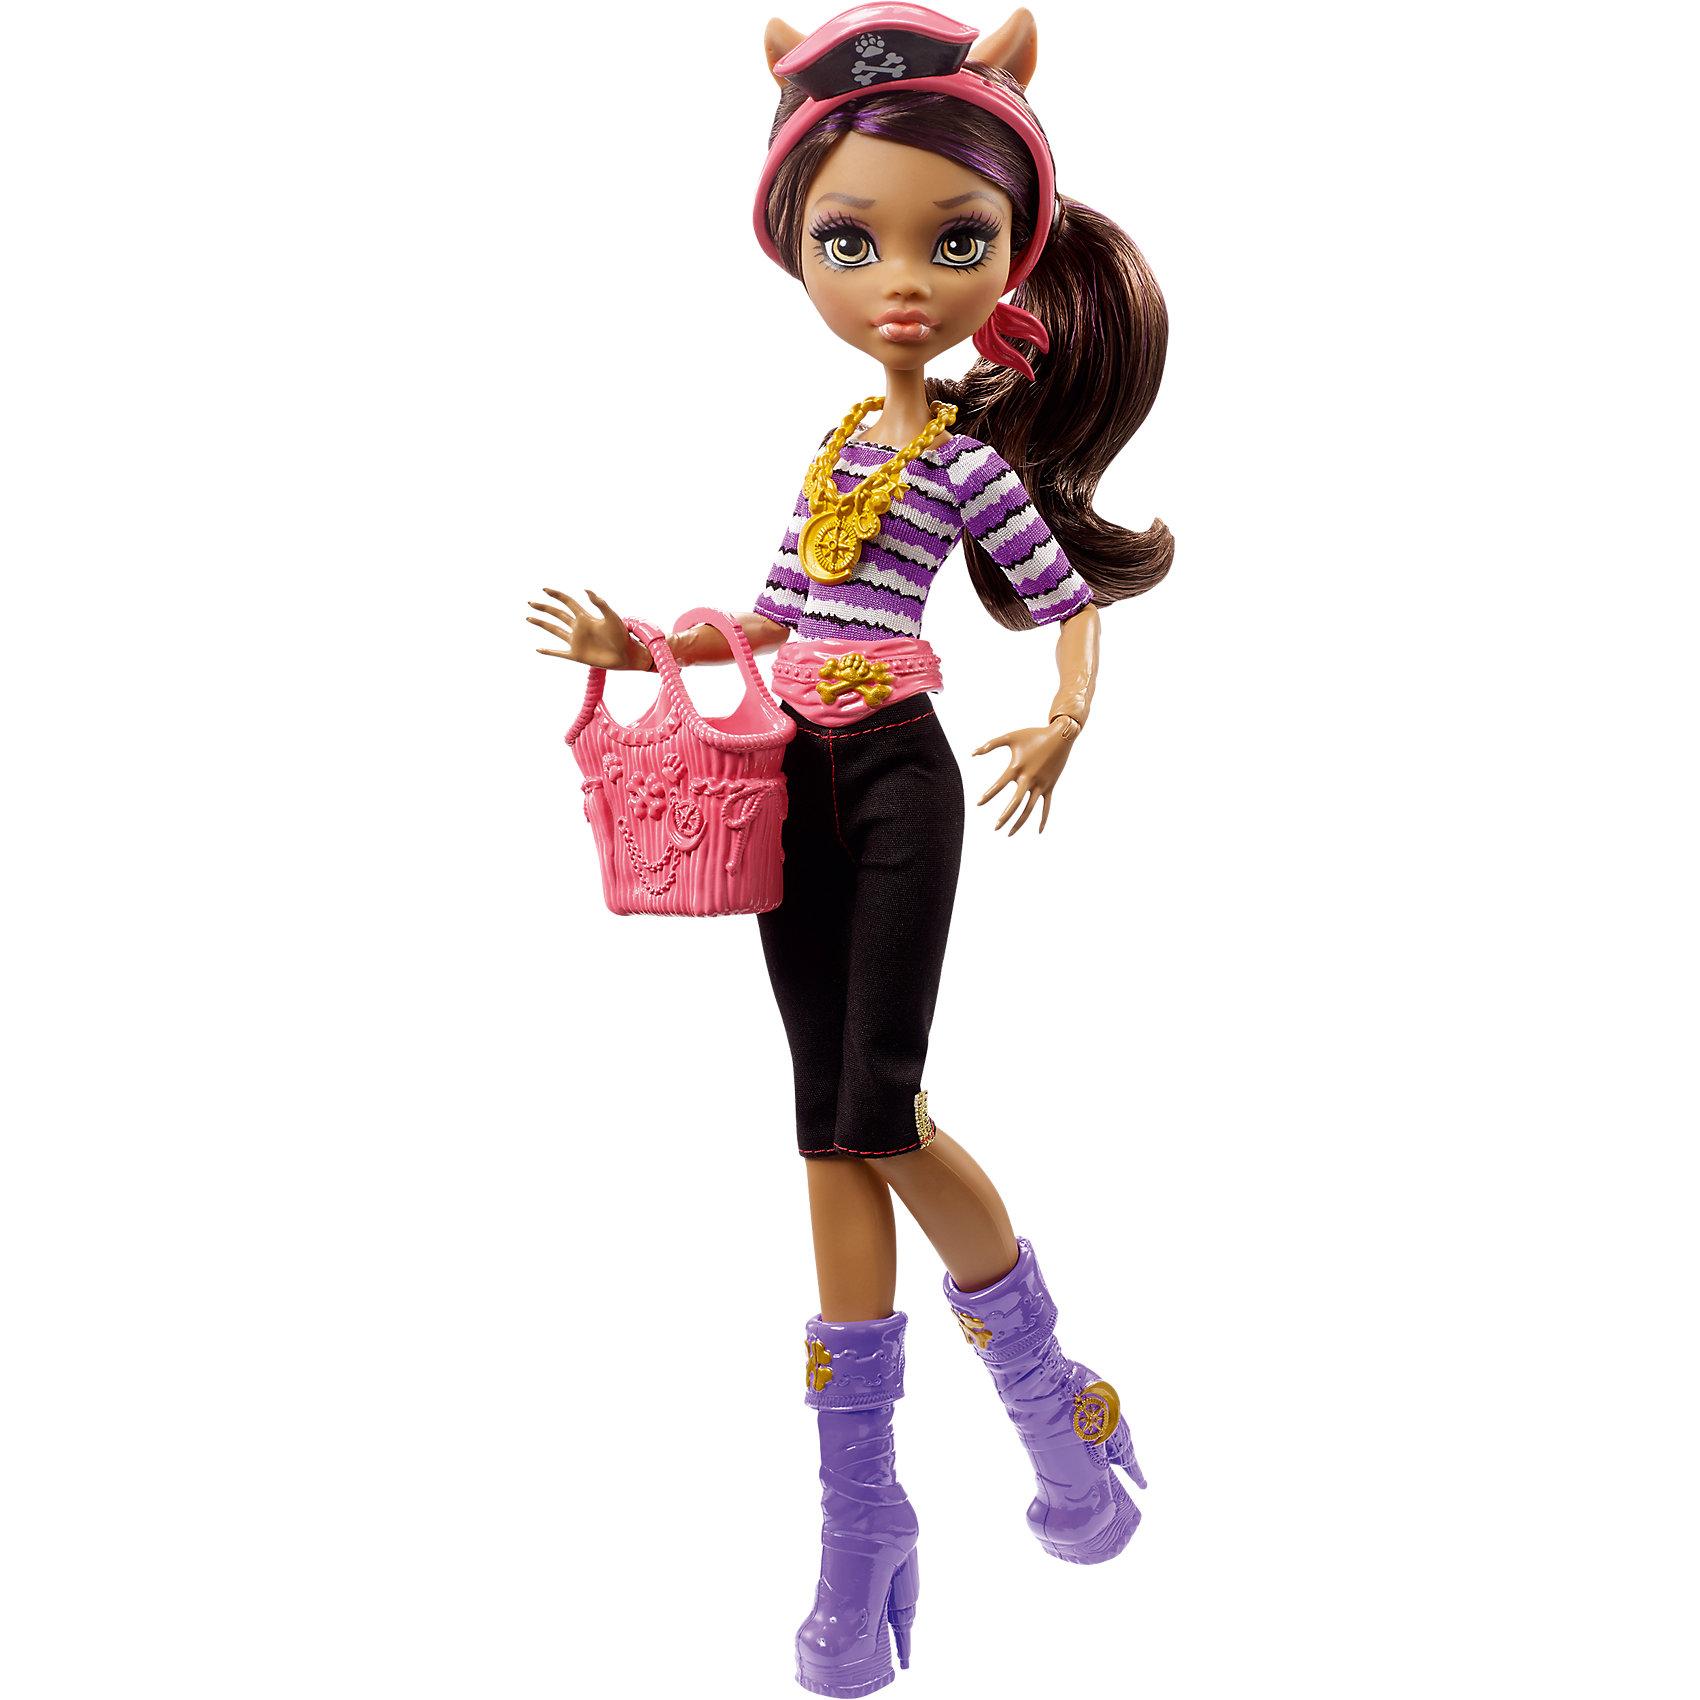 Mattel Кукла Клодин Вульф из серии Пиратская авантюра, Monster High monster high пиратская авантюра дана джонс